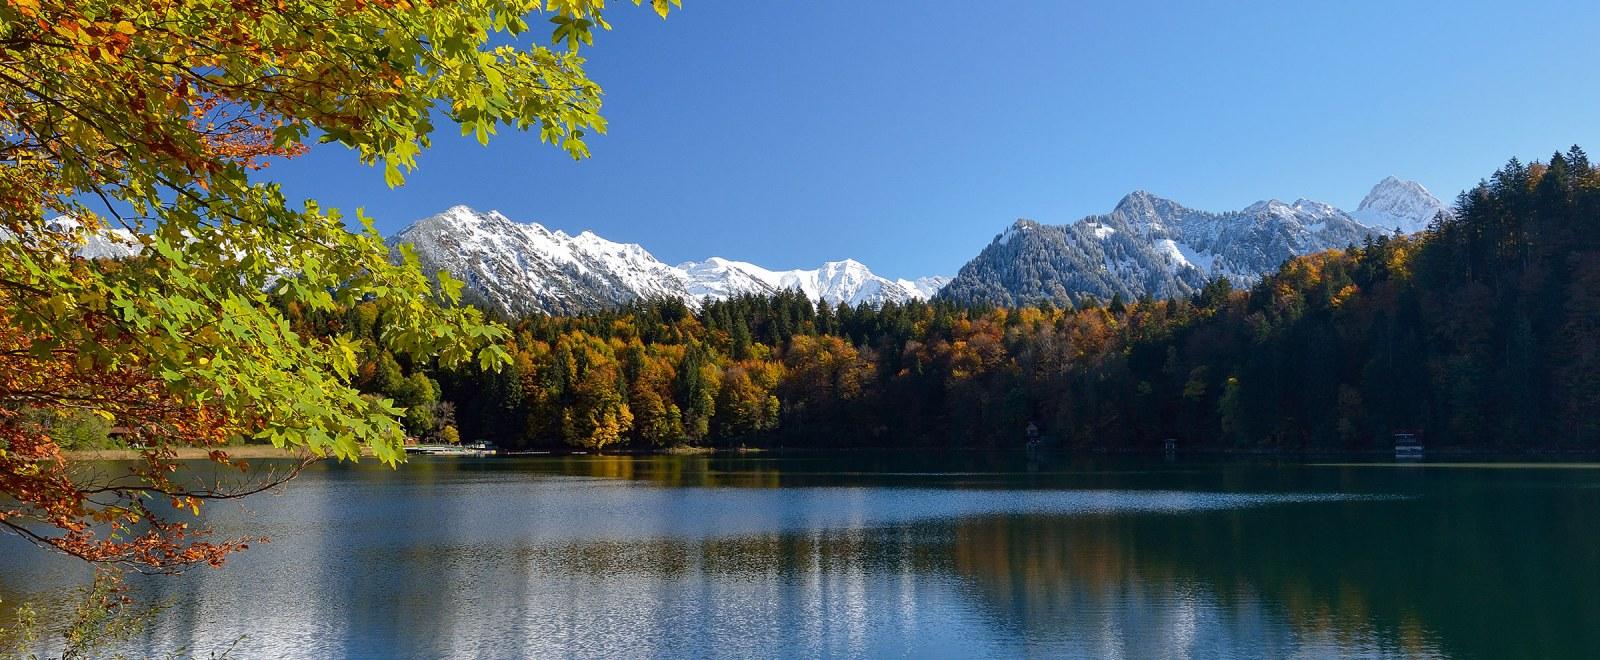 Freibergsee im Herbst mit verschneiten Bergen im Hintergrund